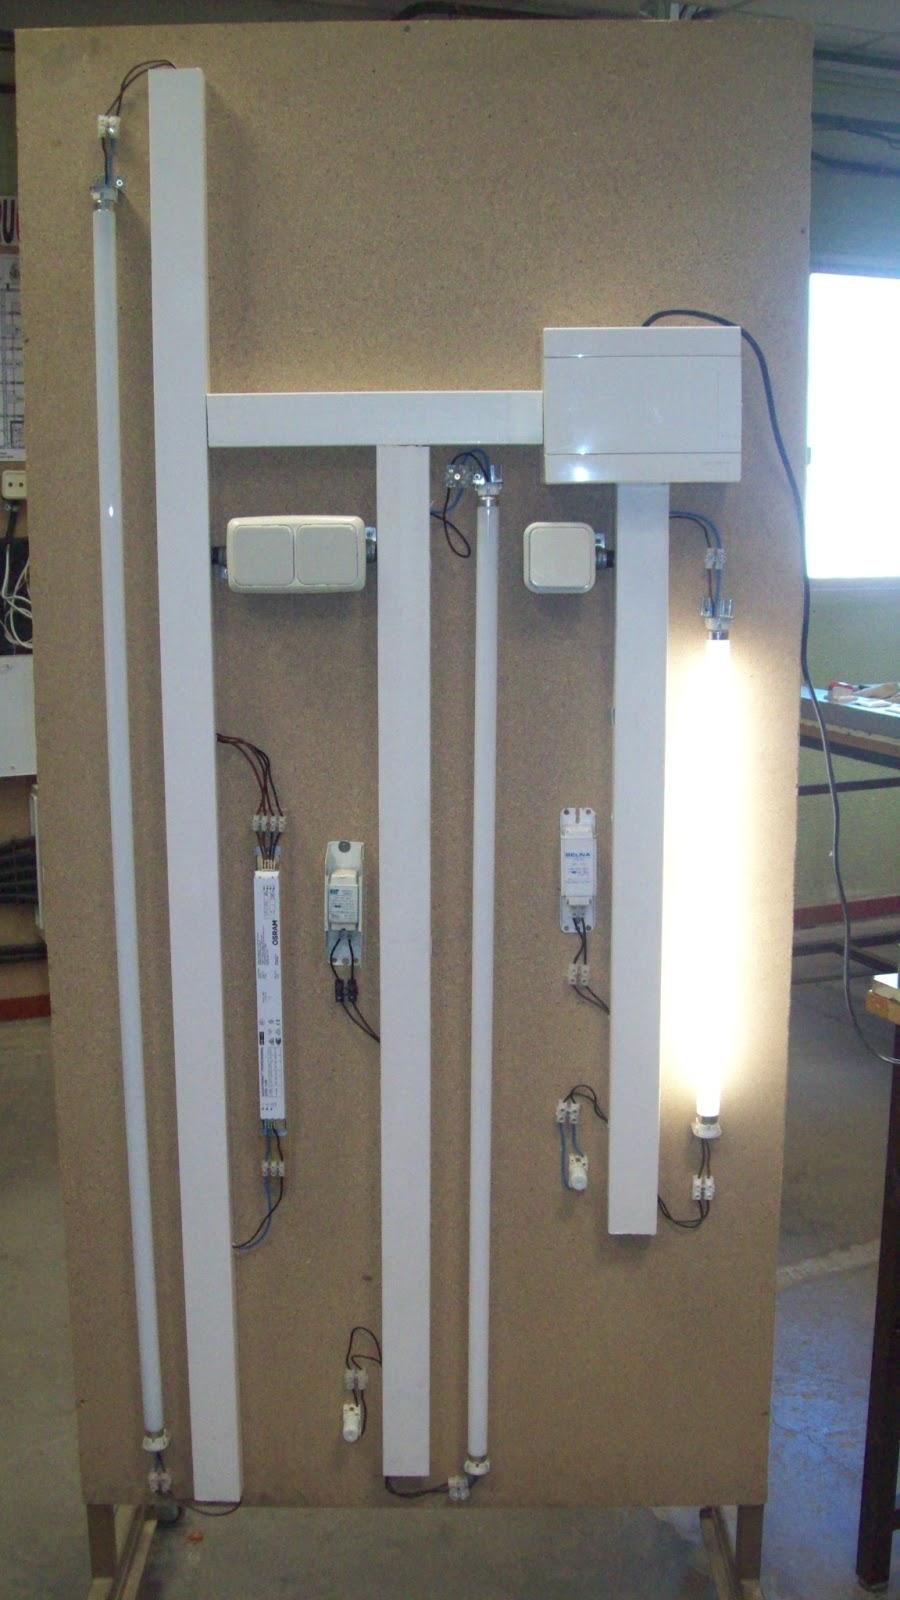 Formaci n profesional b sica electricidad electr nica - Tubo fluorescente 36w precio ...